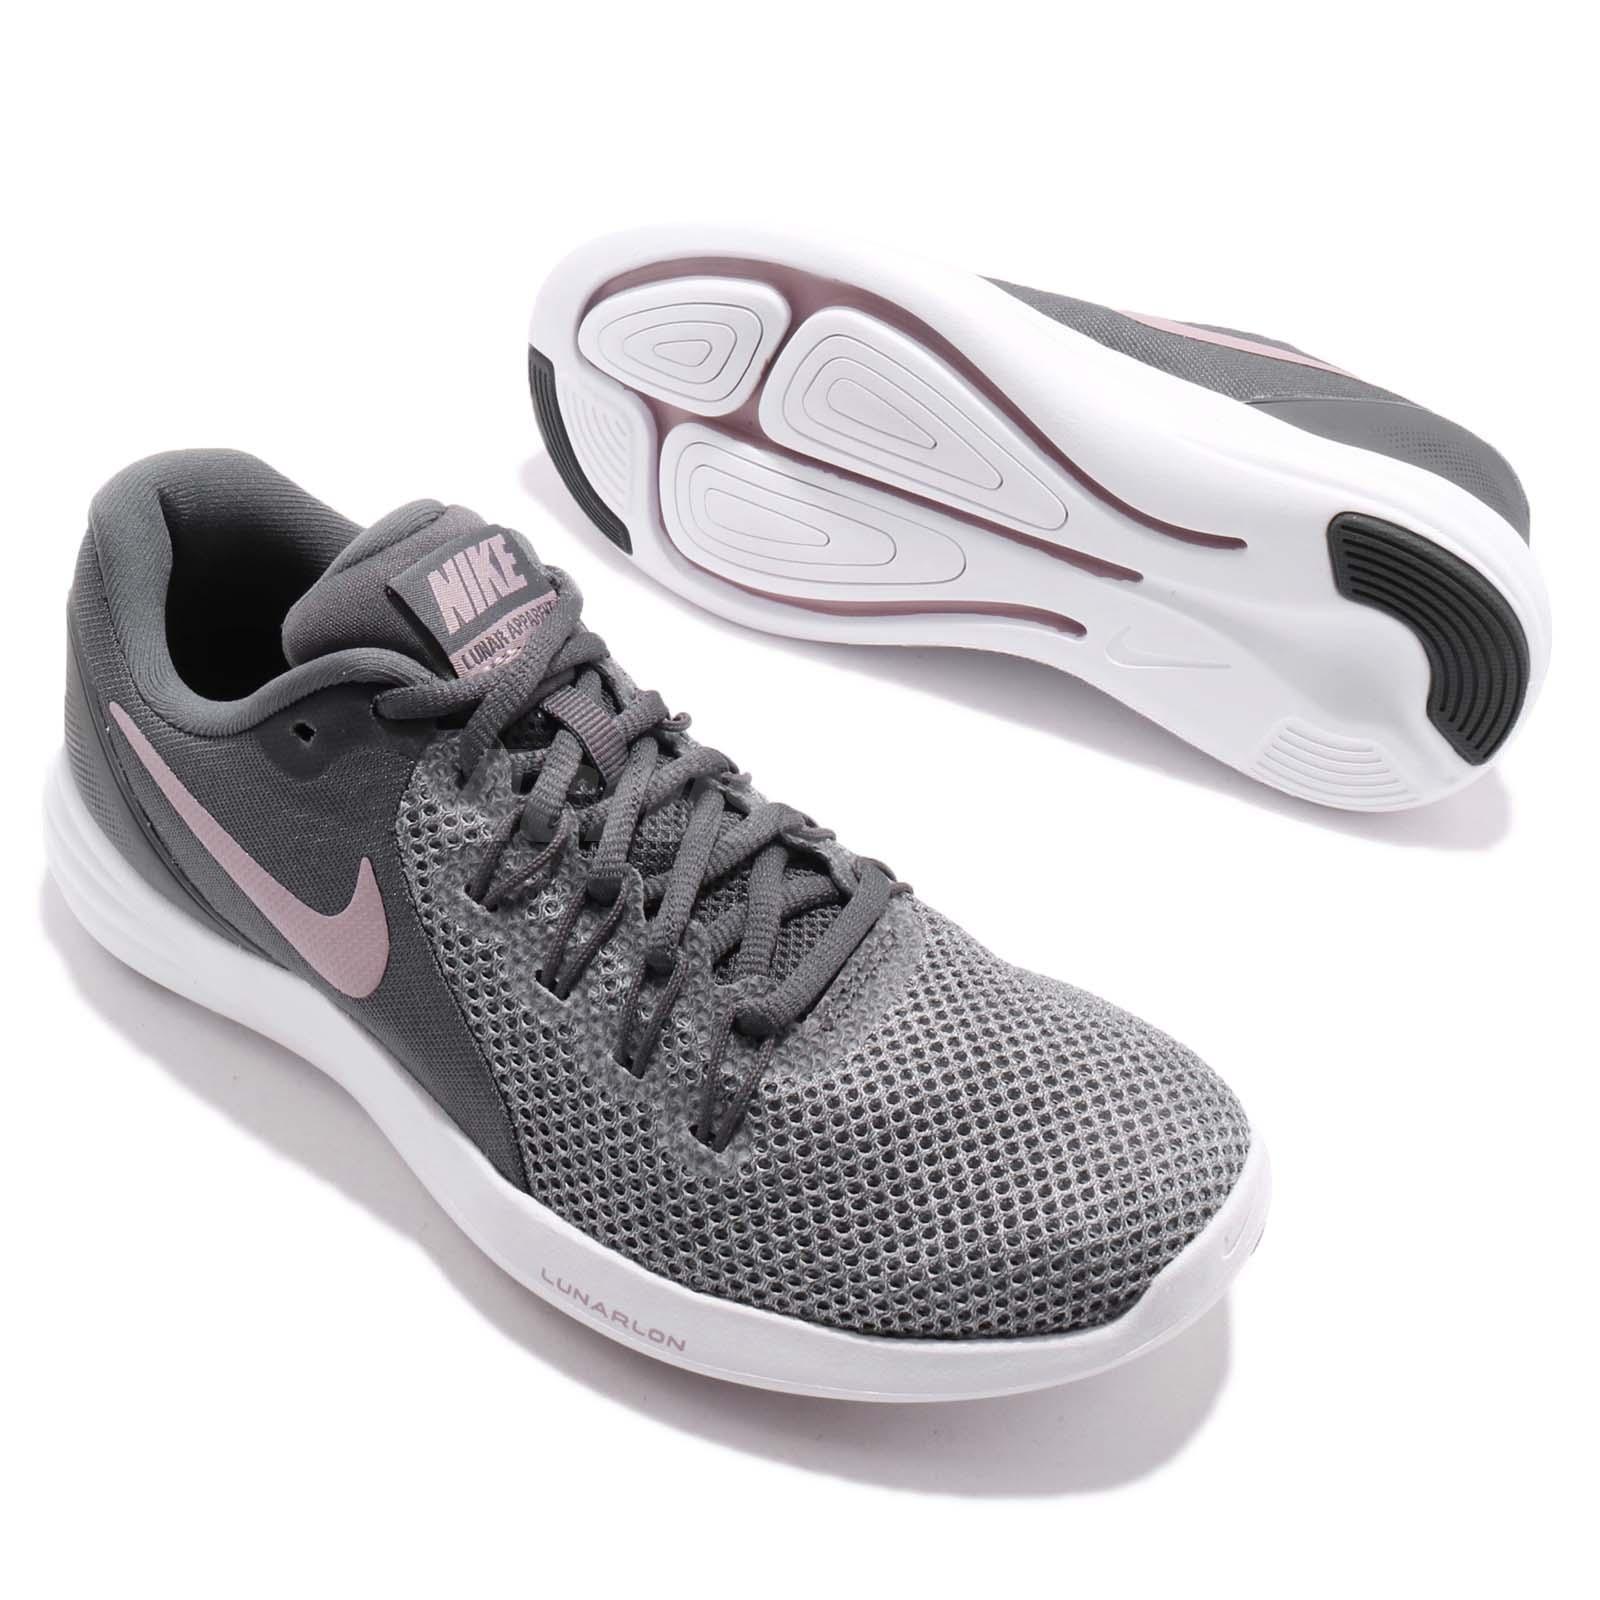 11ecdde7939b Wmns Nike Lunar Apparent Dark Grey Elemental Rose Women Running ...